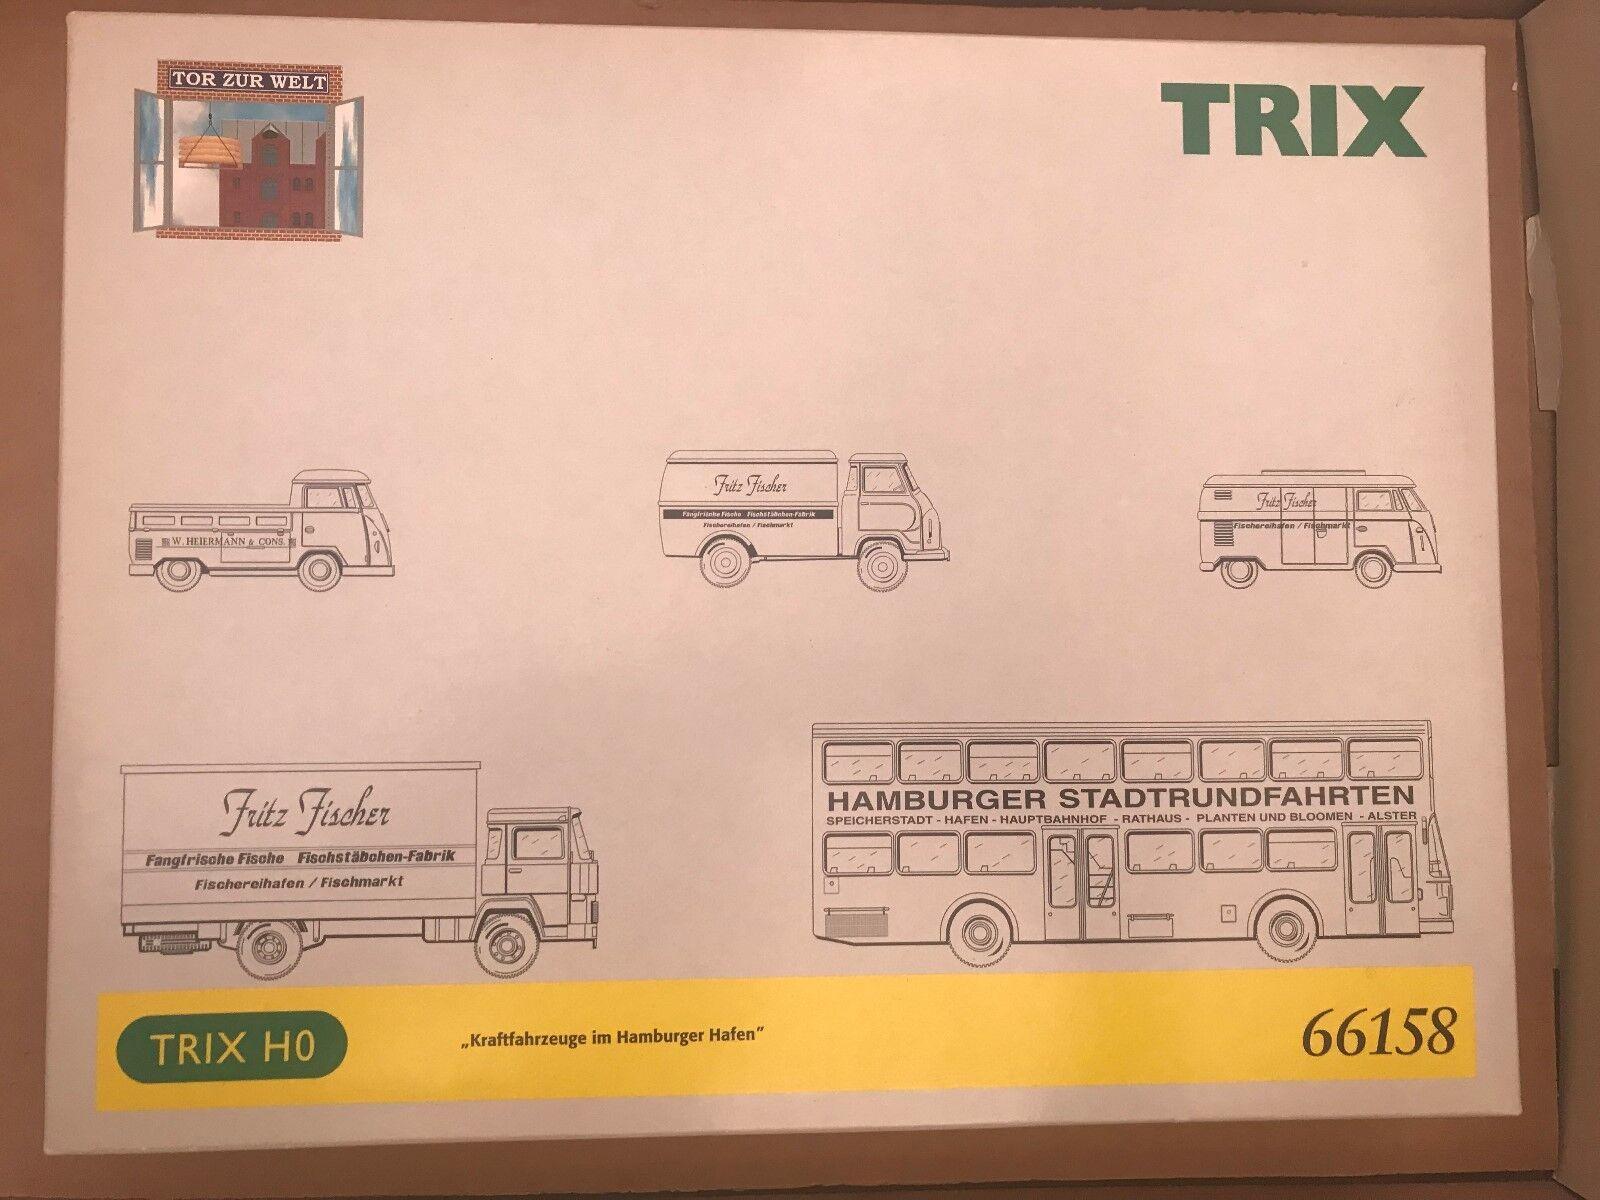 Trix Spur H0 66158  Kaftfahrzeuge im Hamburger Hafen     NEU  OVP  | Zuverlässige Leistung  dd7c97